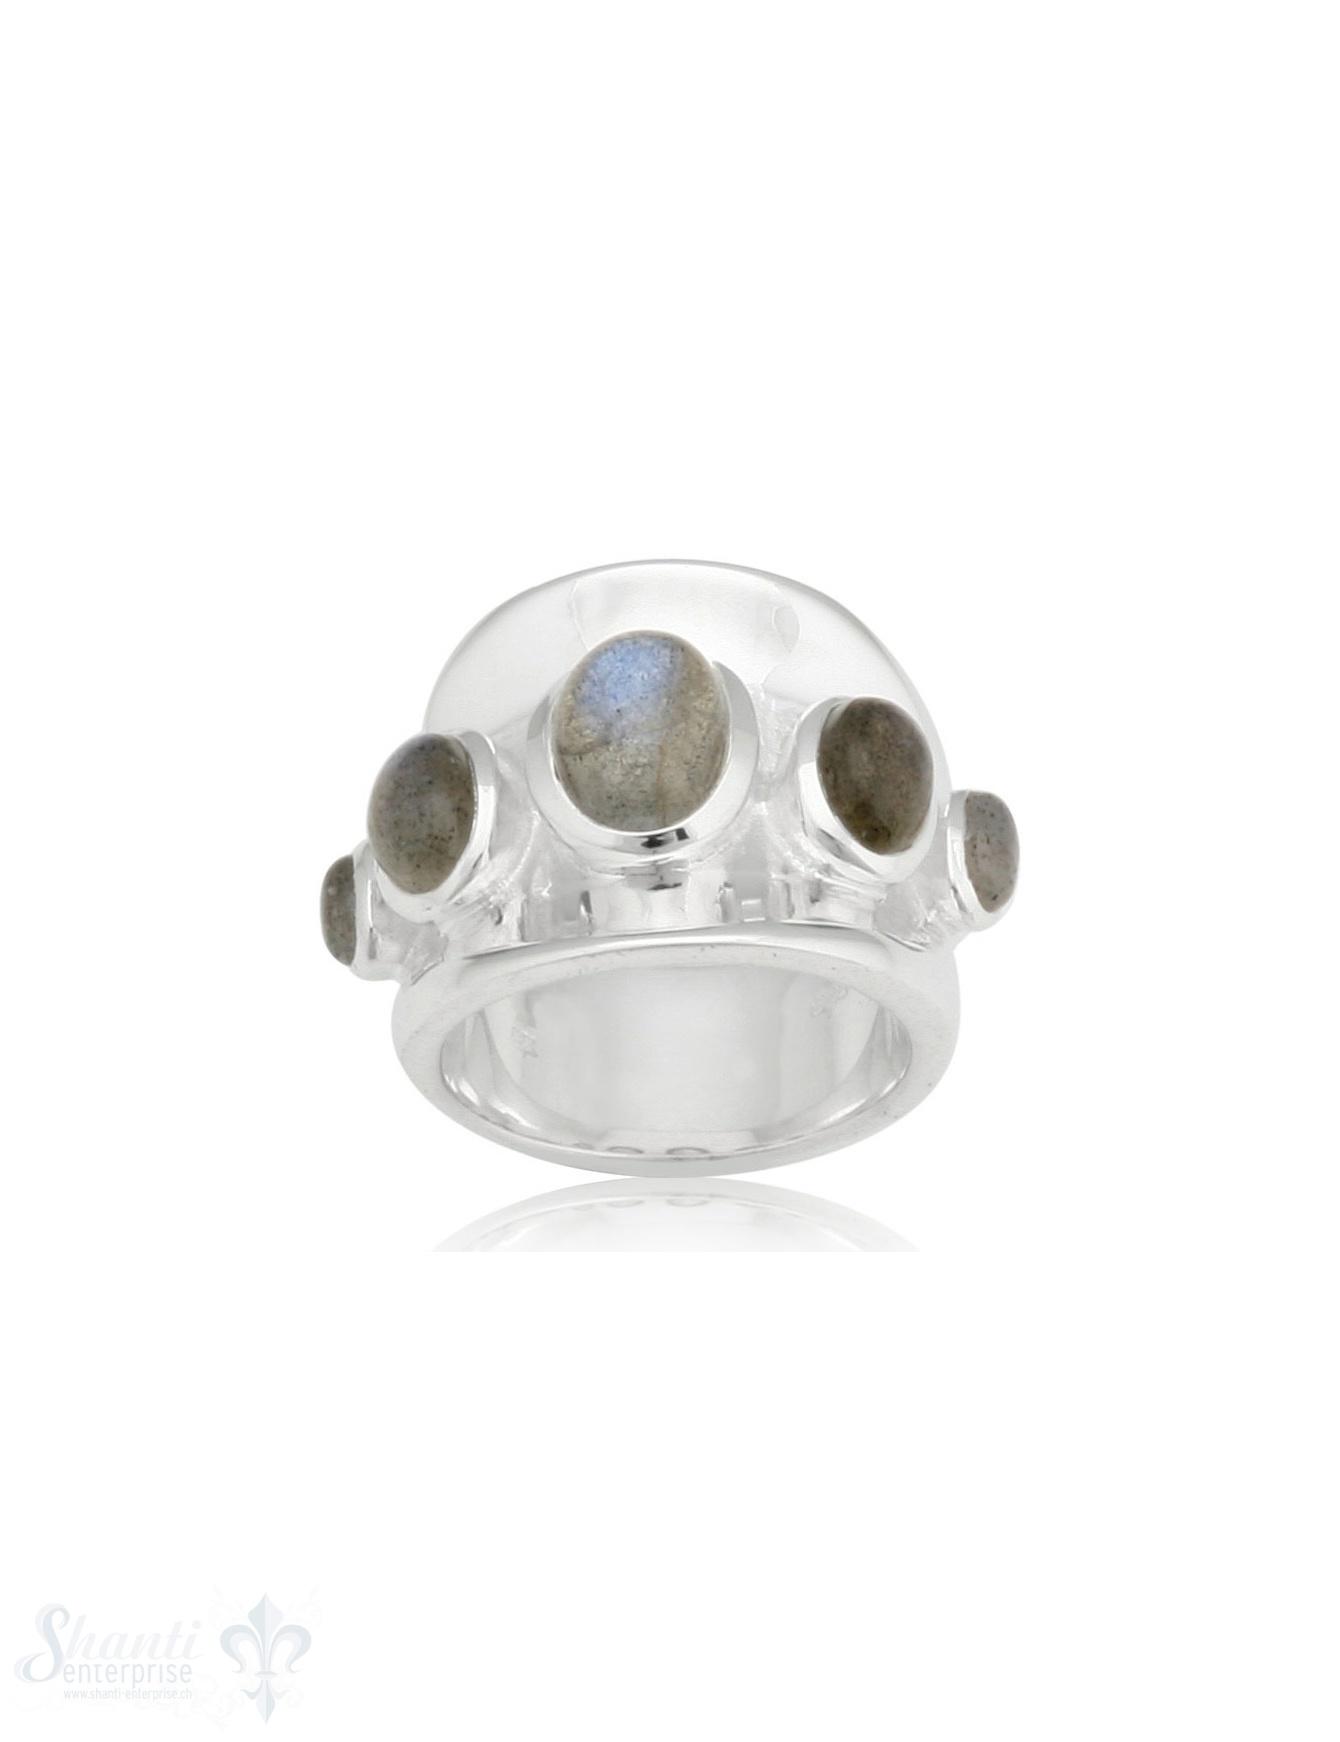 Silberring gebogen 5 Steine Labradorit 18 mm breit